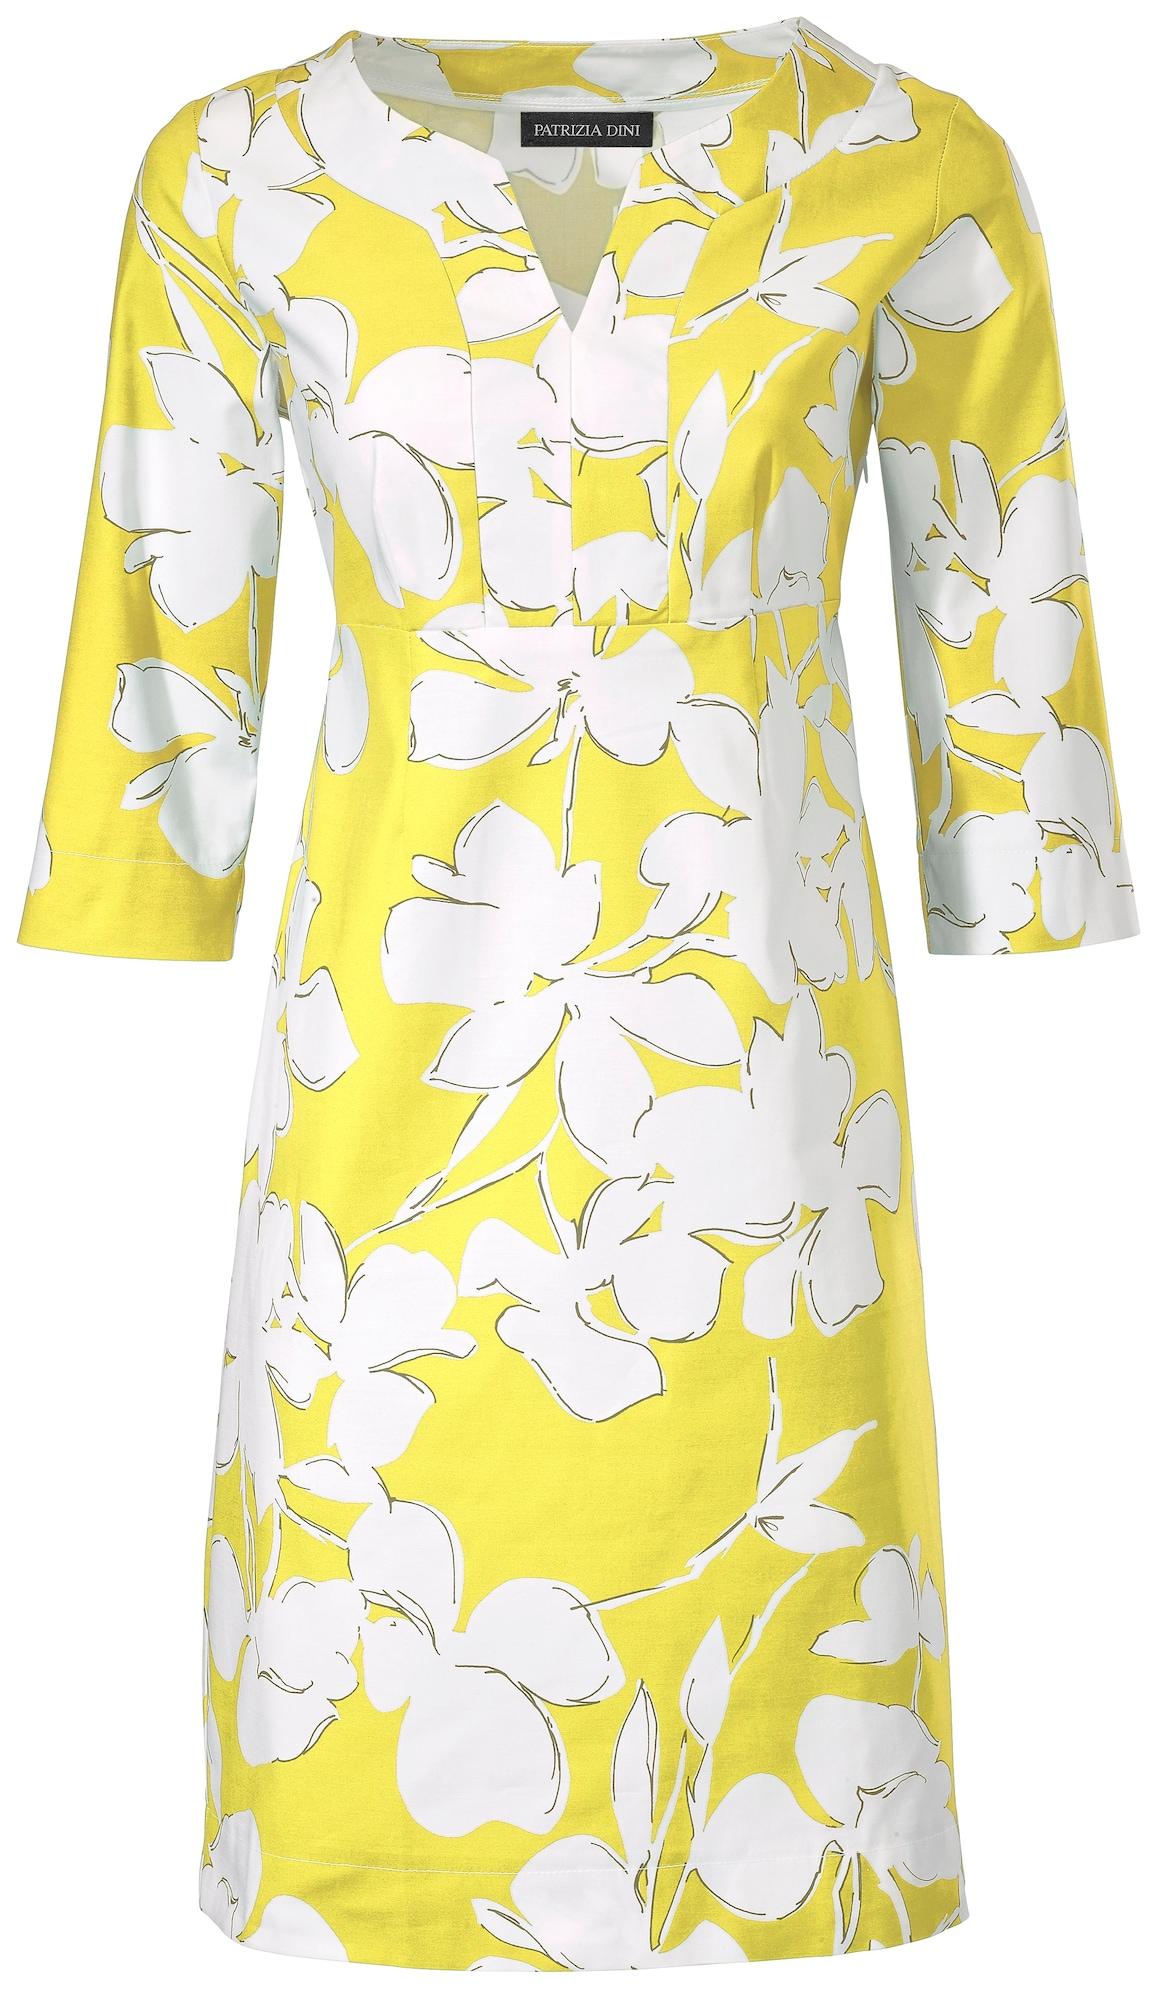 Druckkleid | Bekleidung > Kleider > Druckkleider | Gelb - Schwarz - Weiß | heine